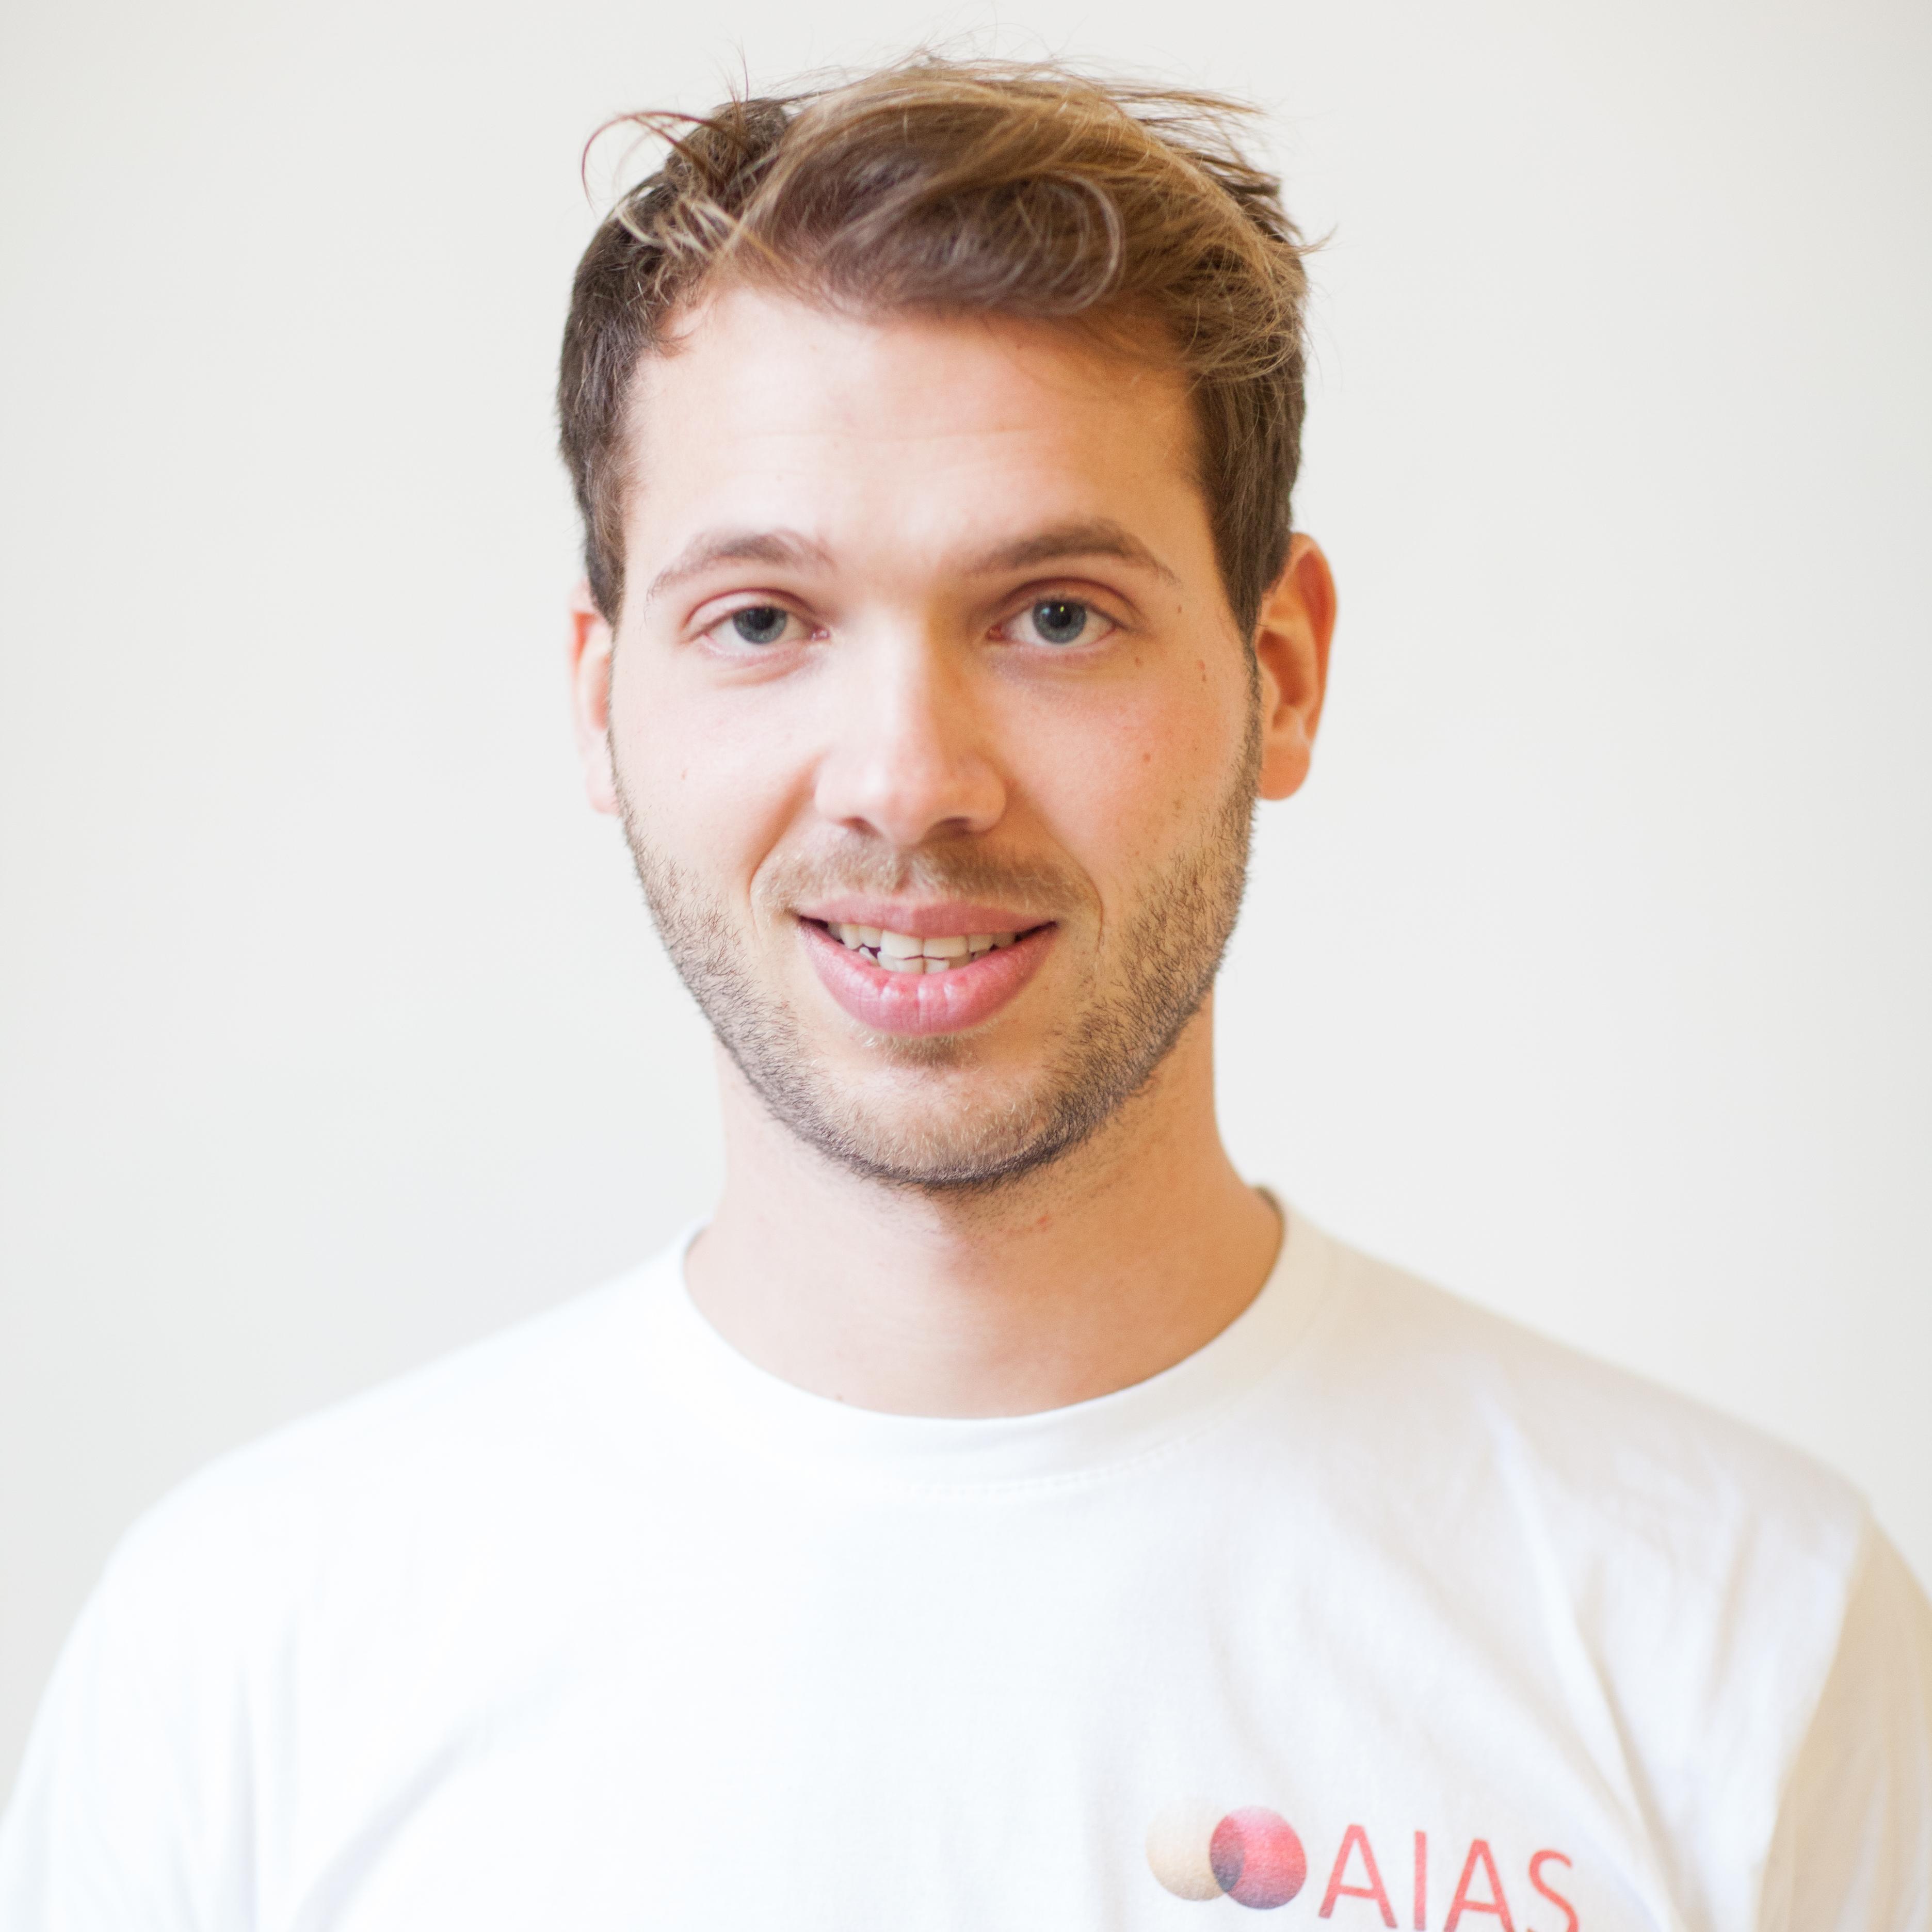 Tobias Mixdorf